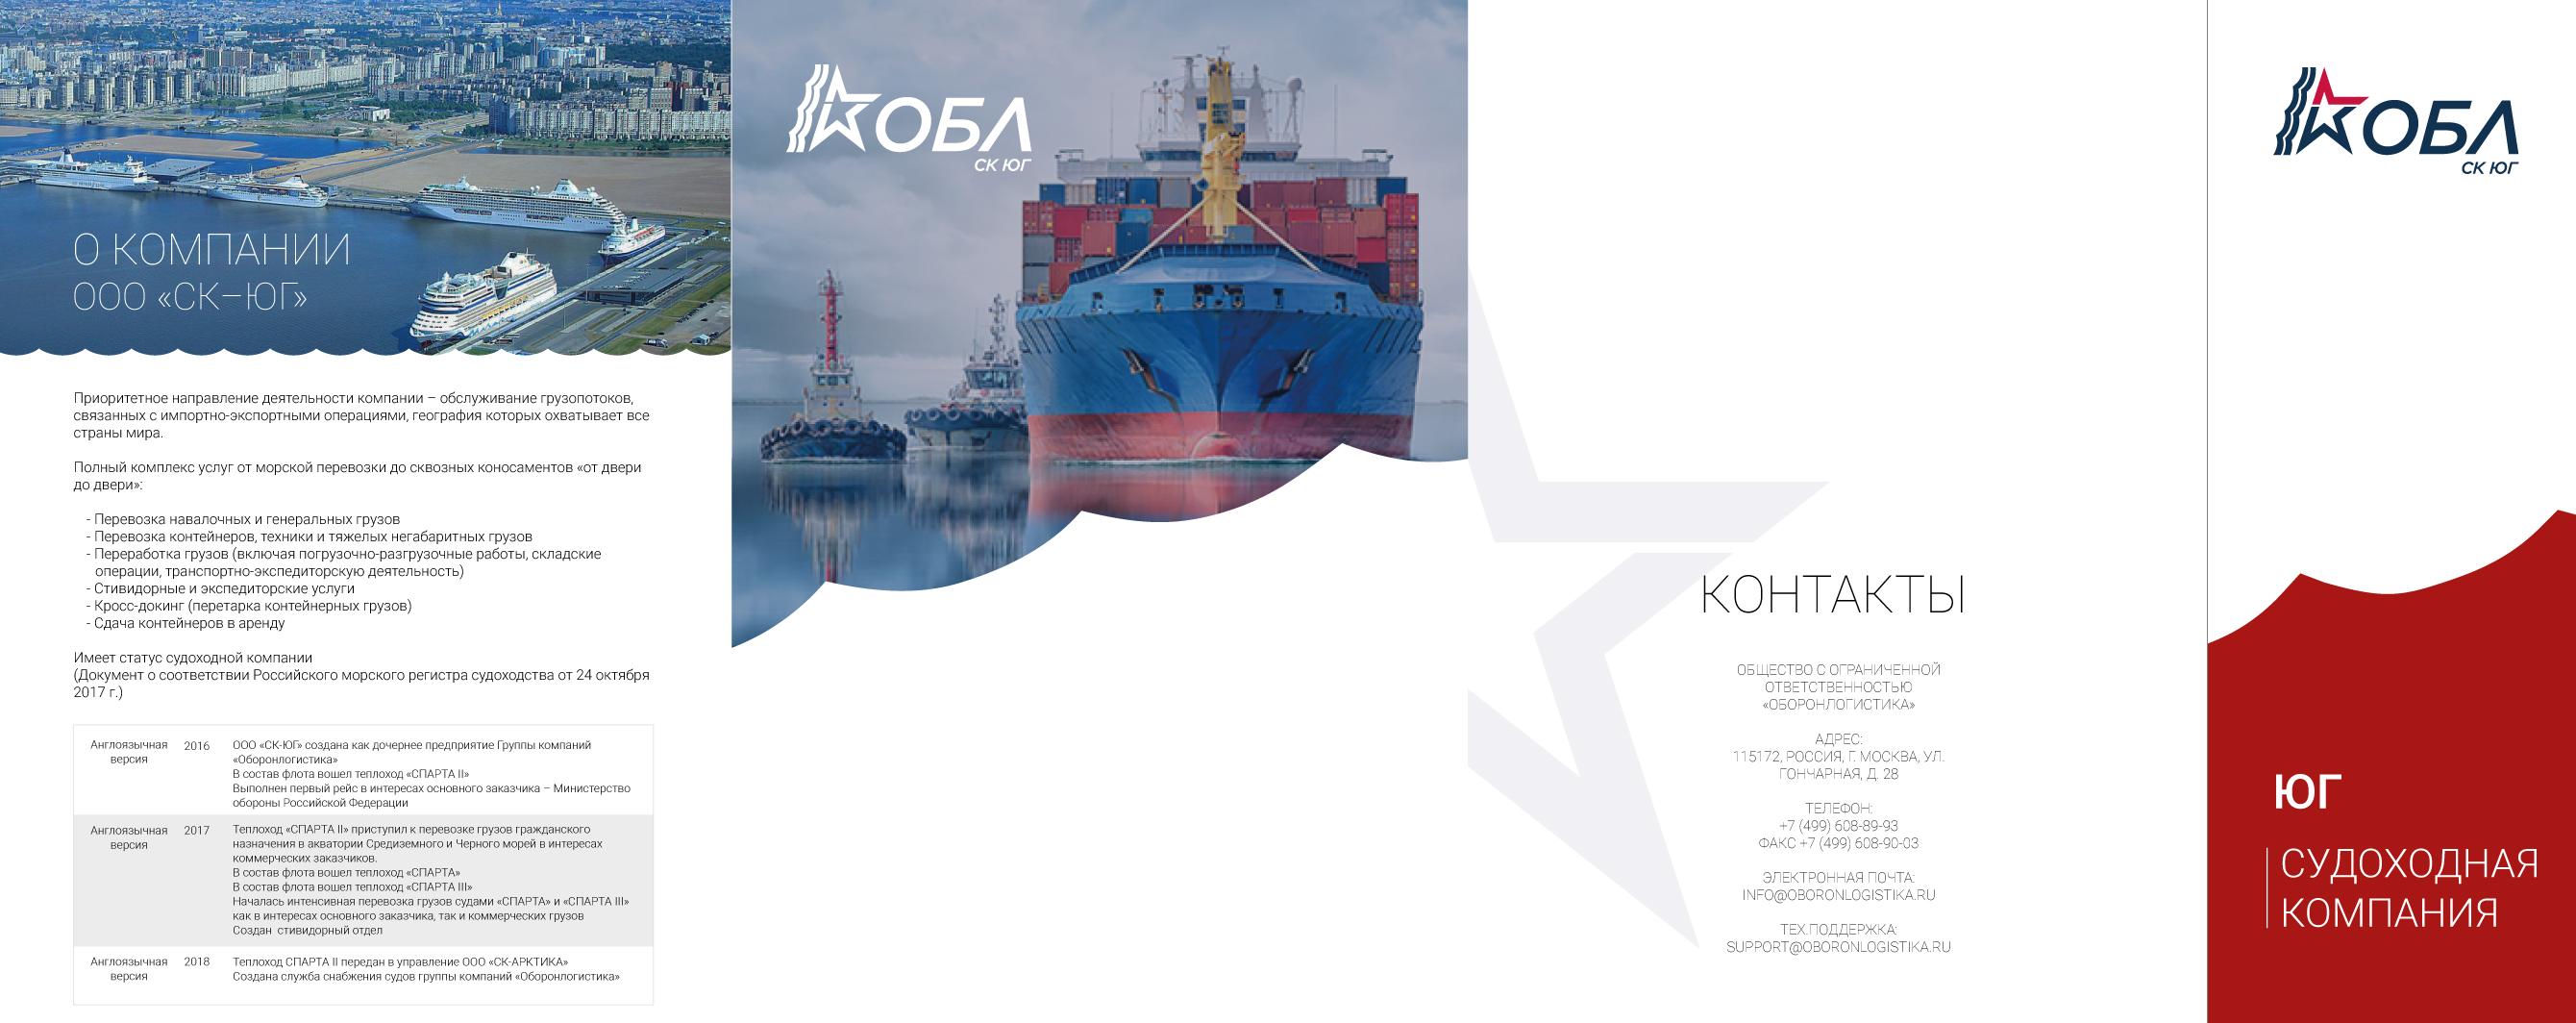 Дизайн и верстка лифлетов 3х дочерних судоходных компаний  фото f_0735b4305d925187.jpg